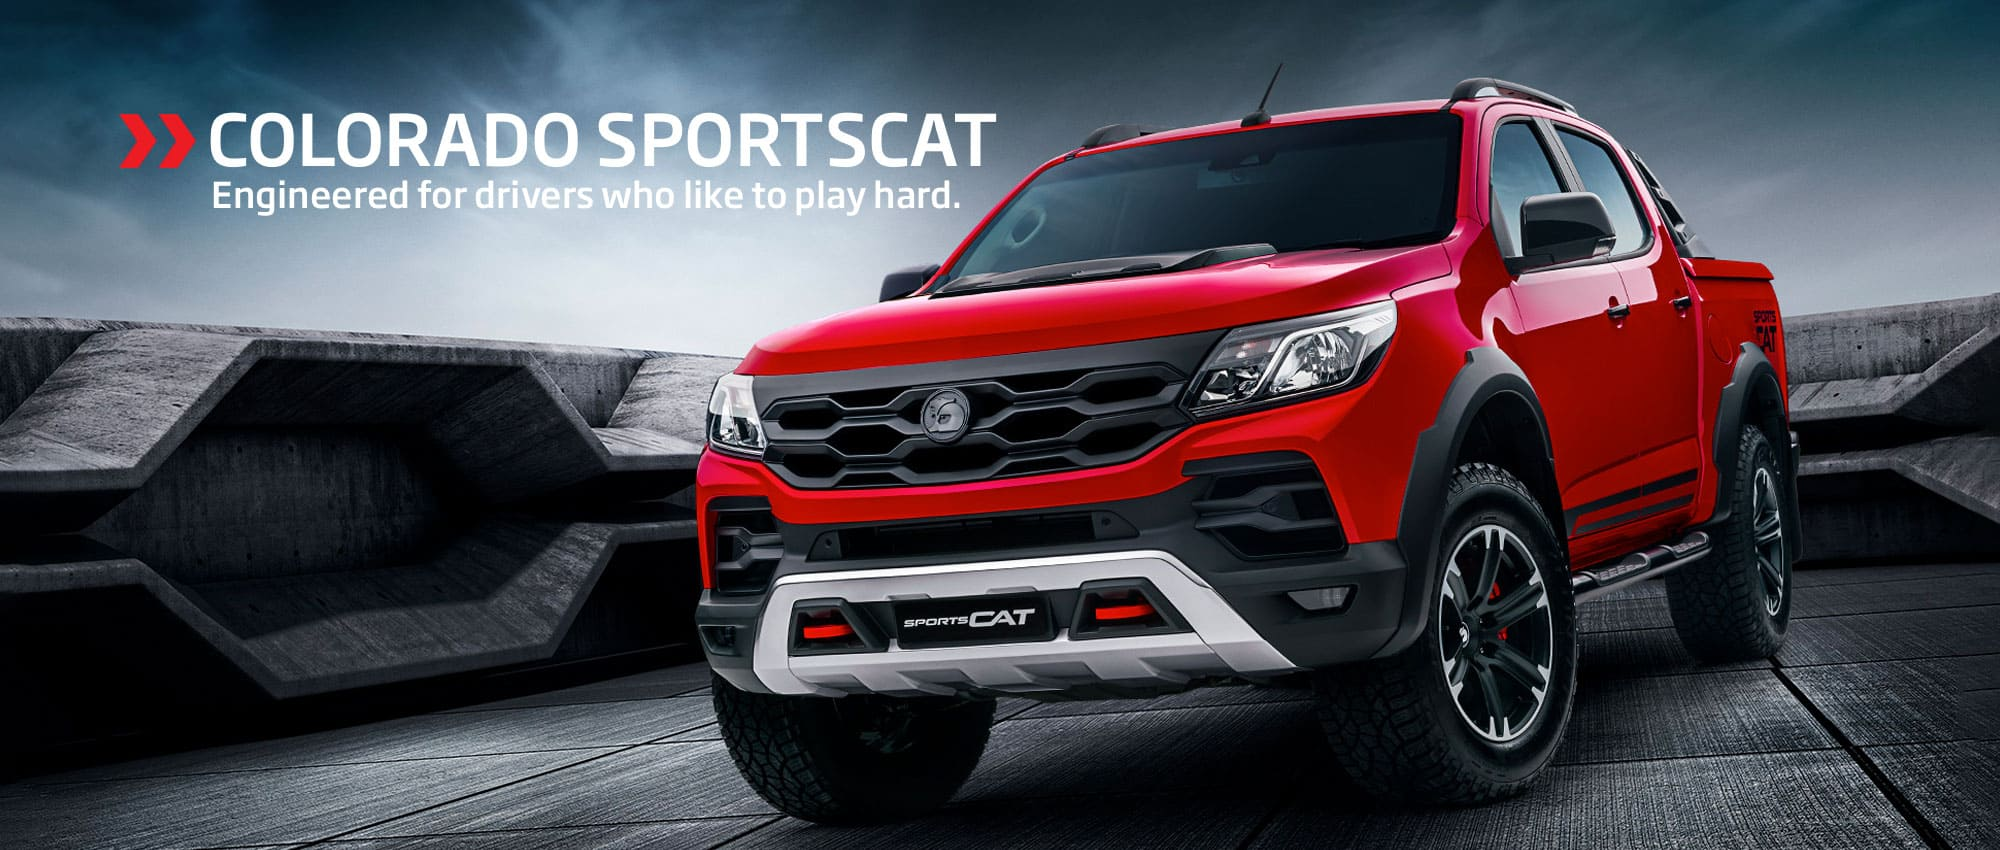 Sportcat